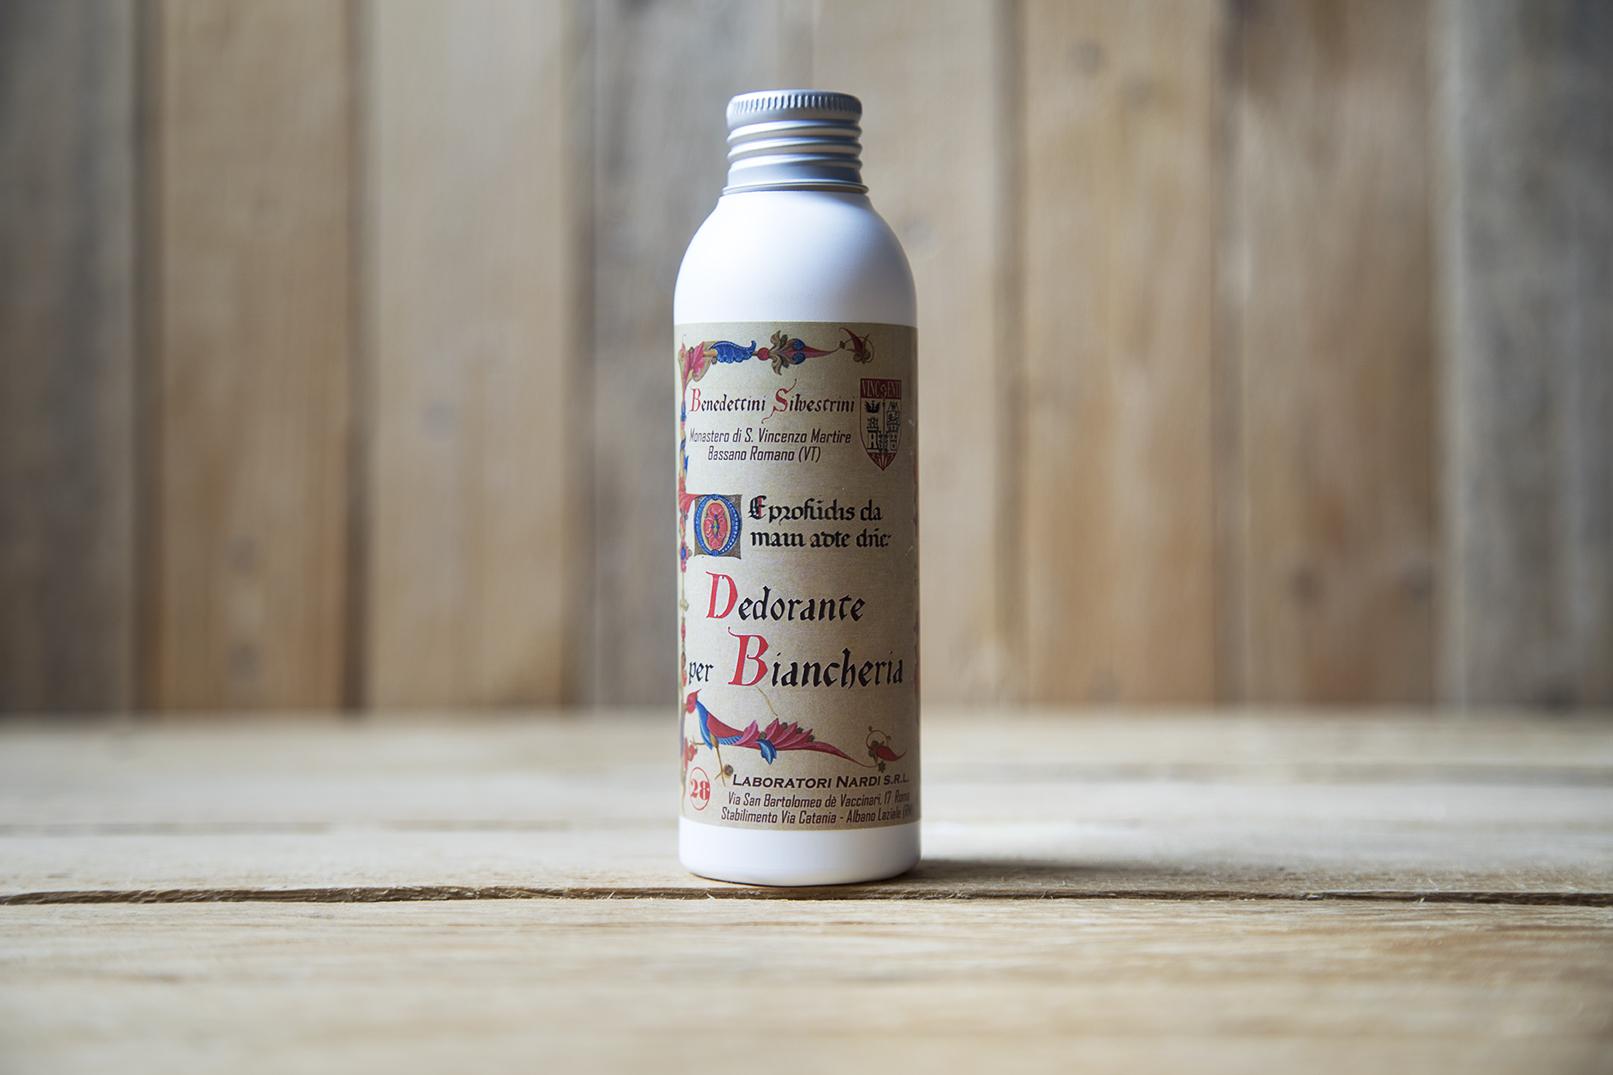 Deodorante per biancheria